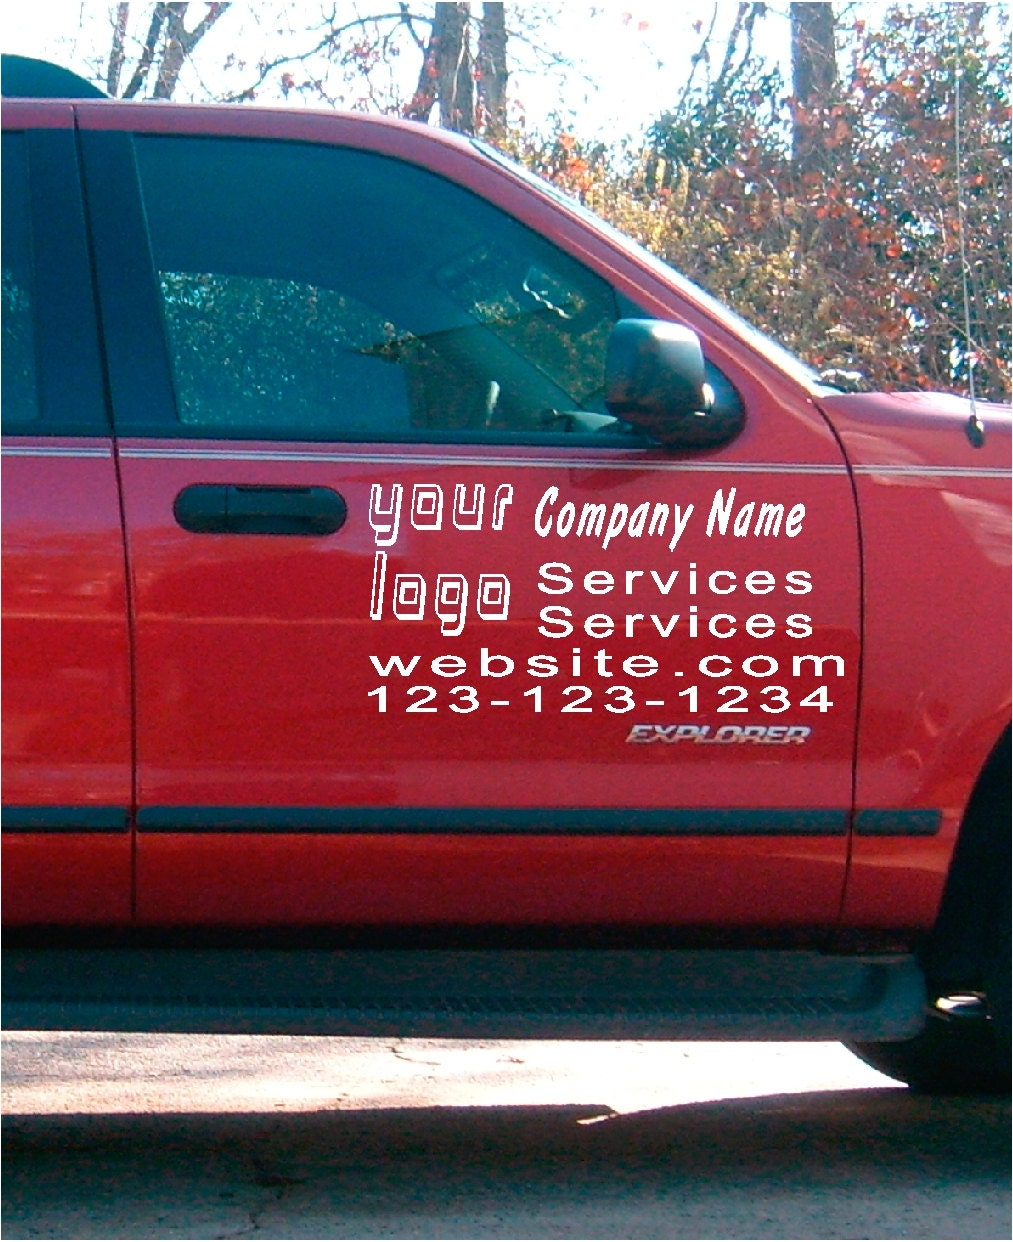 Car truck van door decals vinyl letters sticker custom business lettering decal sign vehicle lettering